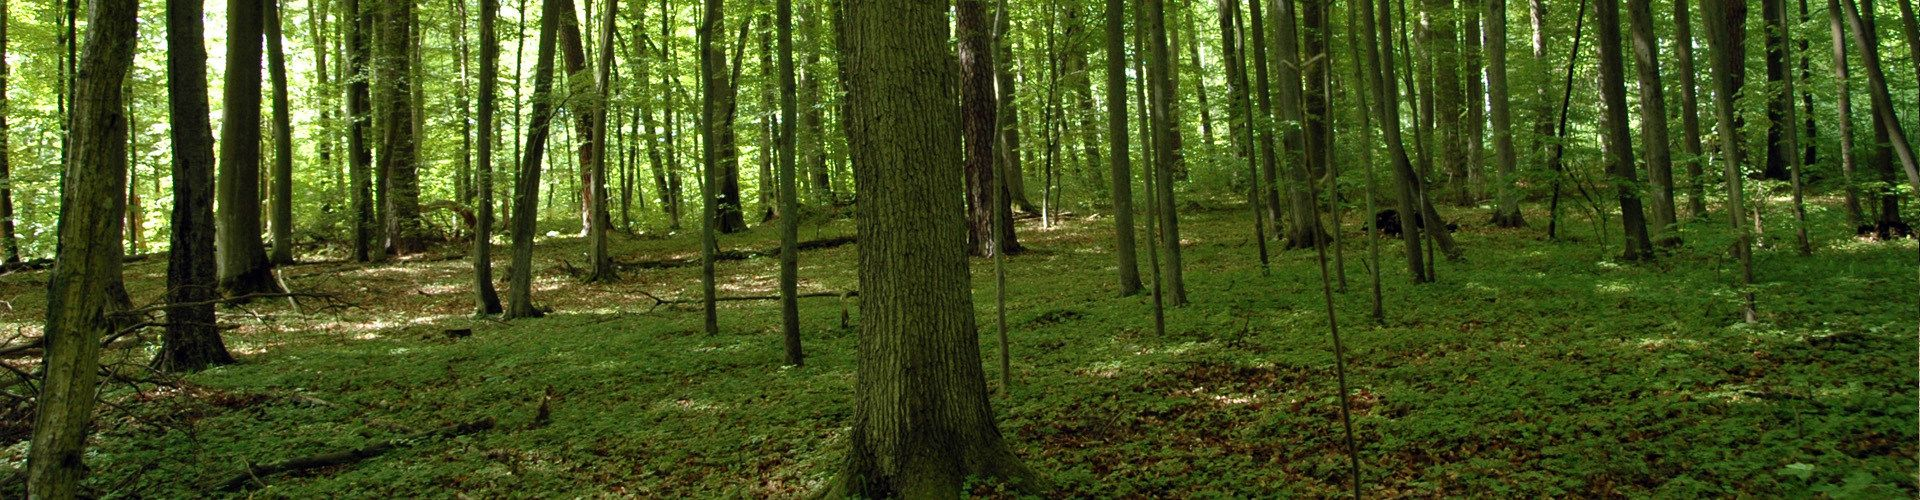 Obwieszczenie Regionalnego Dyrektora Ochrony Środowiska w Gdańsku